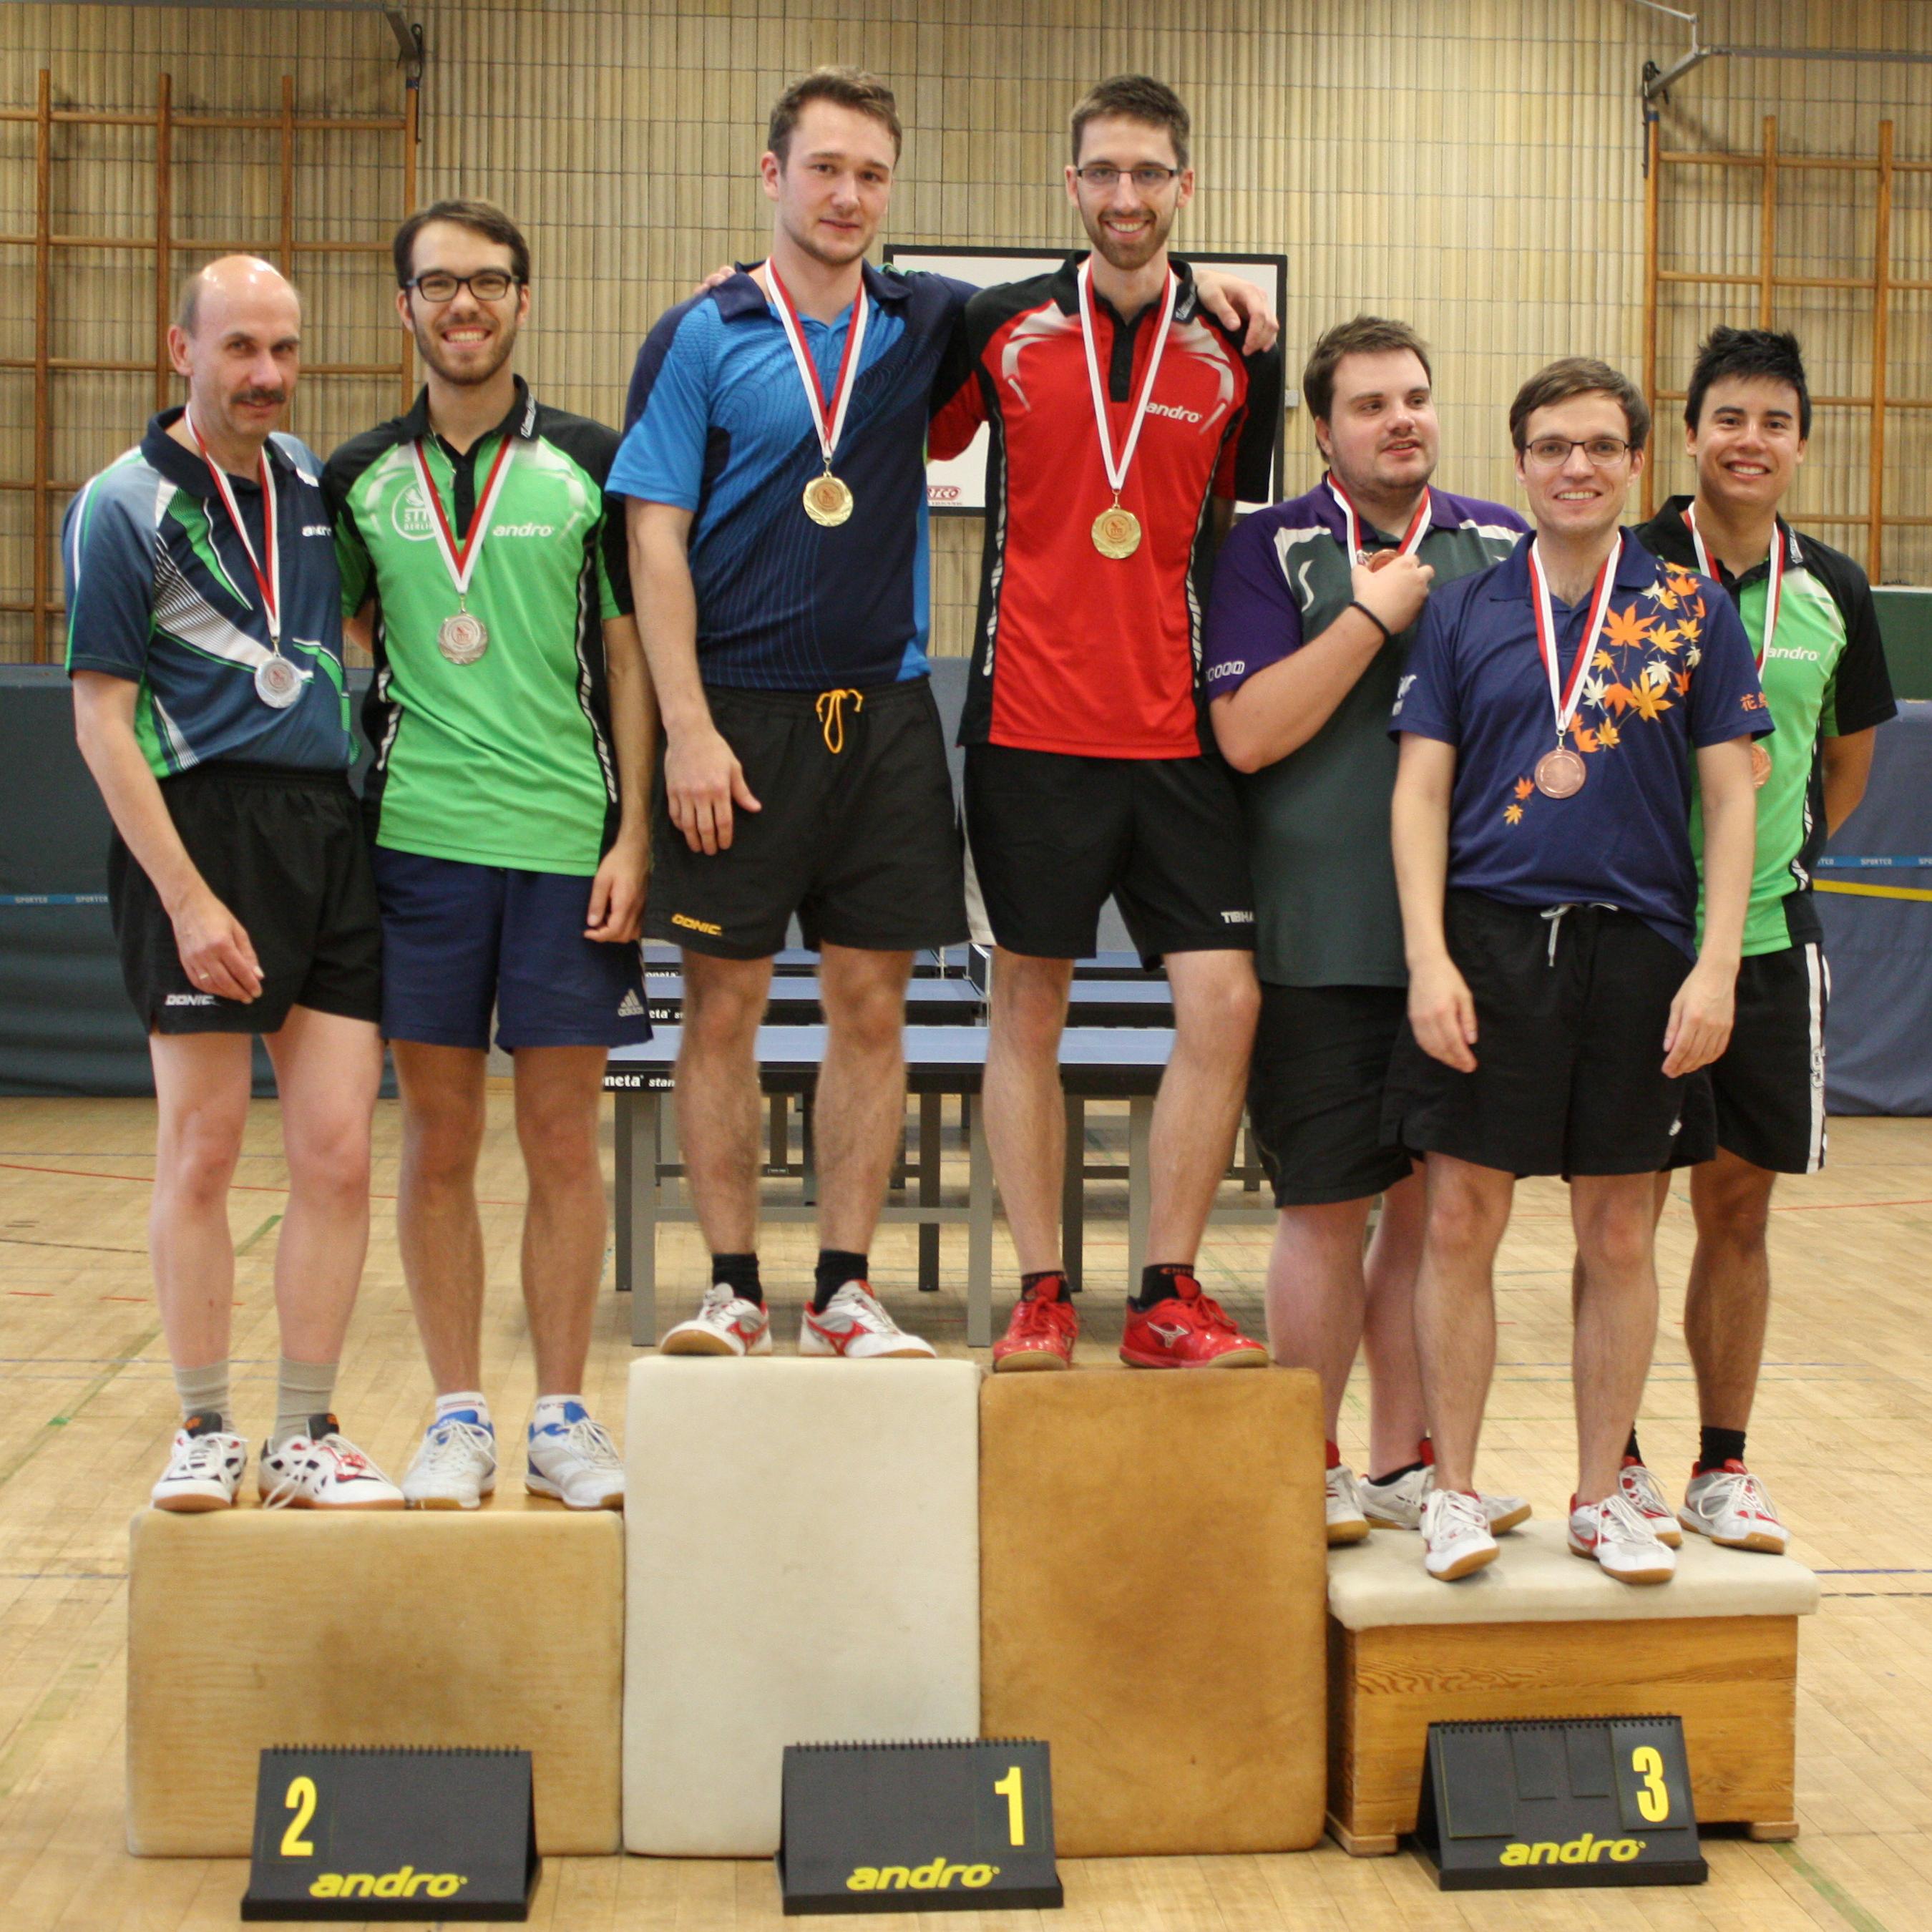 Siegerehrung Herren-Doppel: 1. Platz: Alex/Felix, 2. Platz: Martin/Ramon, 3. Plätze: Domenik/Marc (hinten), Sascha/Peter (vorne, nicht im Bild)